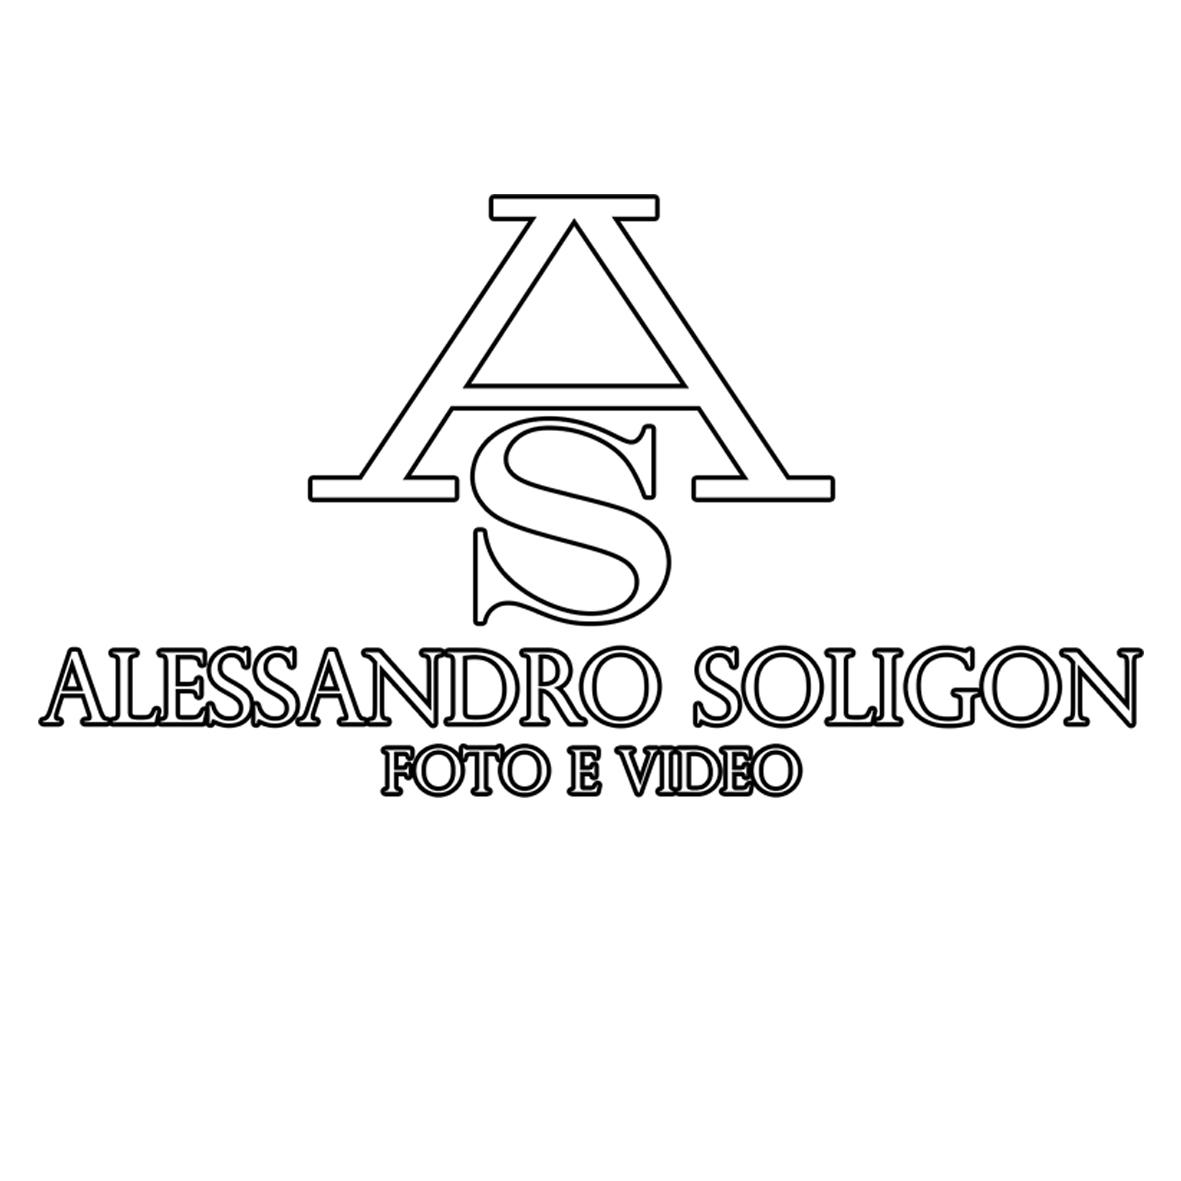 Contate Alessandro Soligon Fotografia